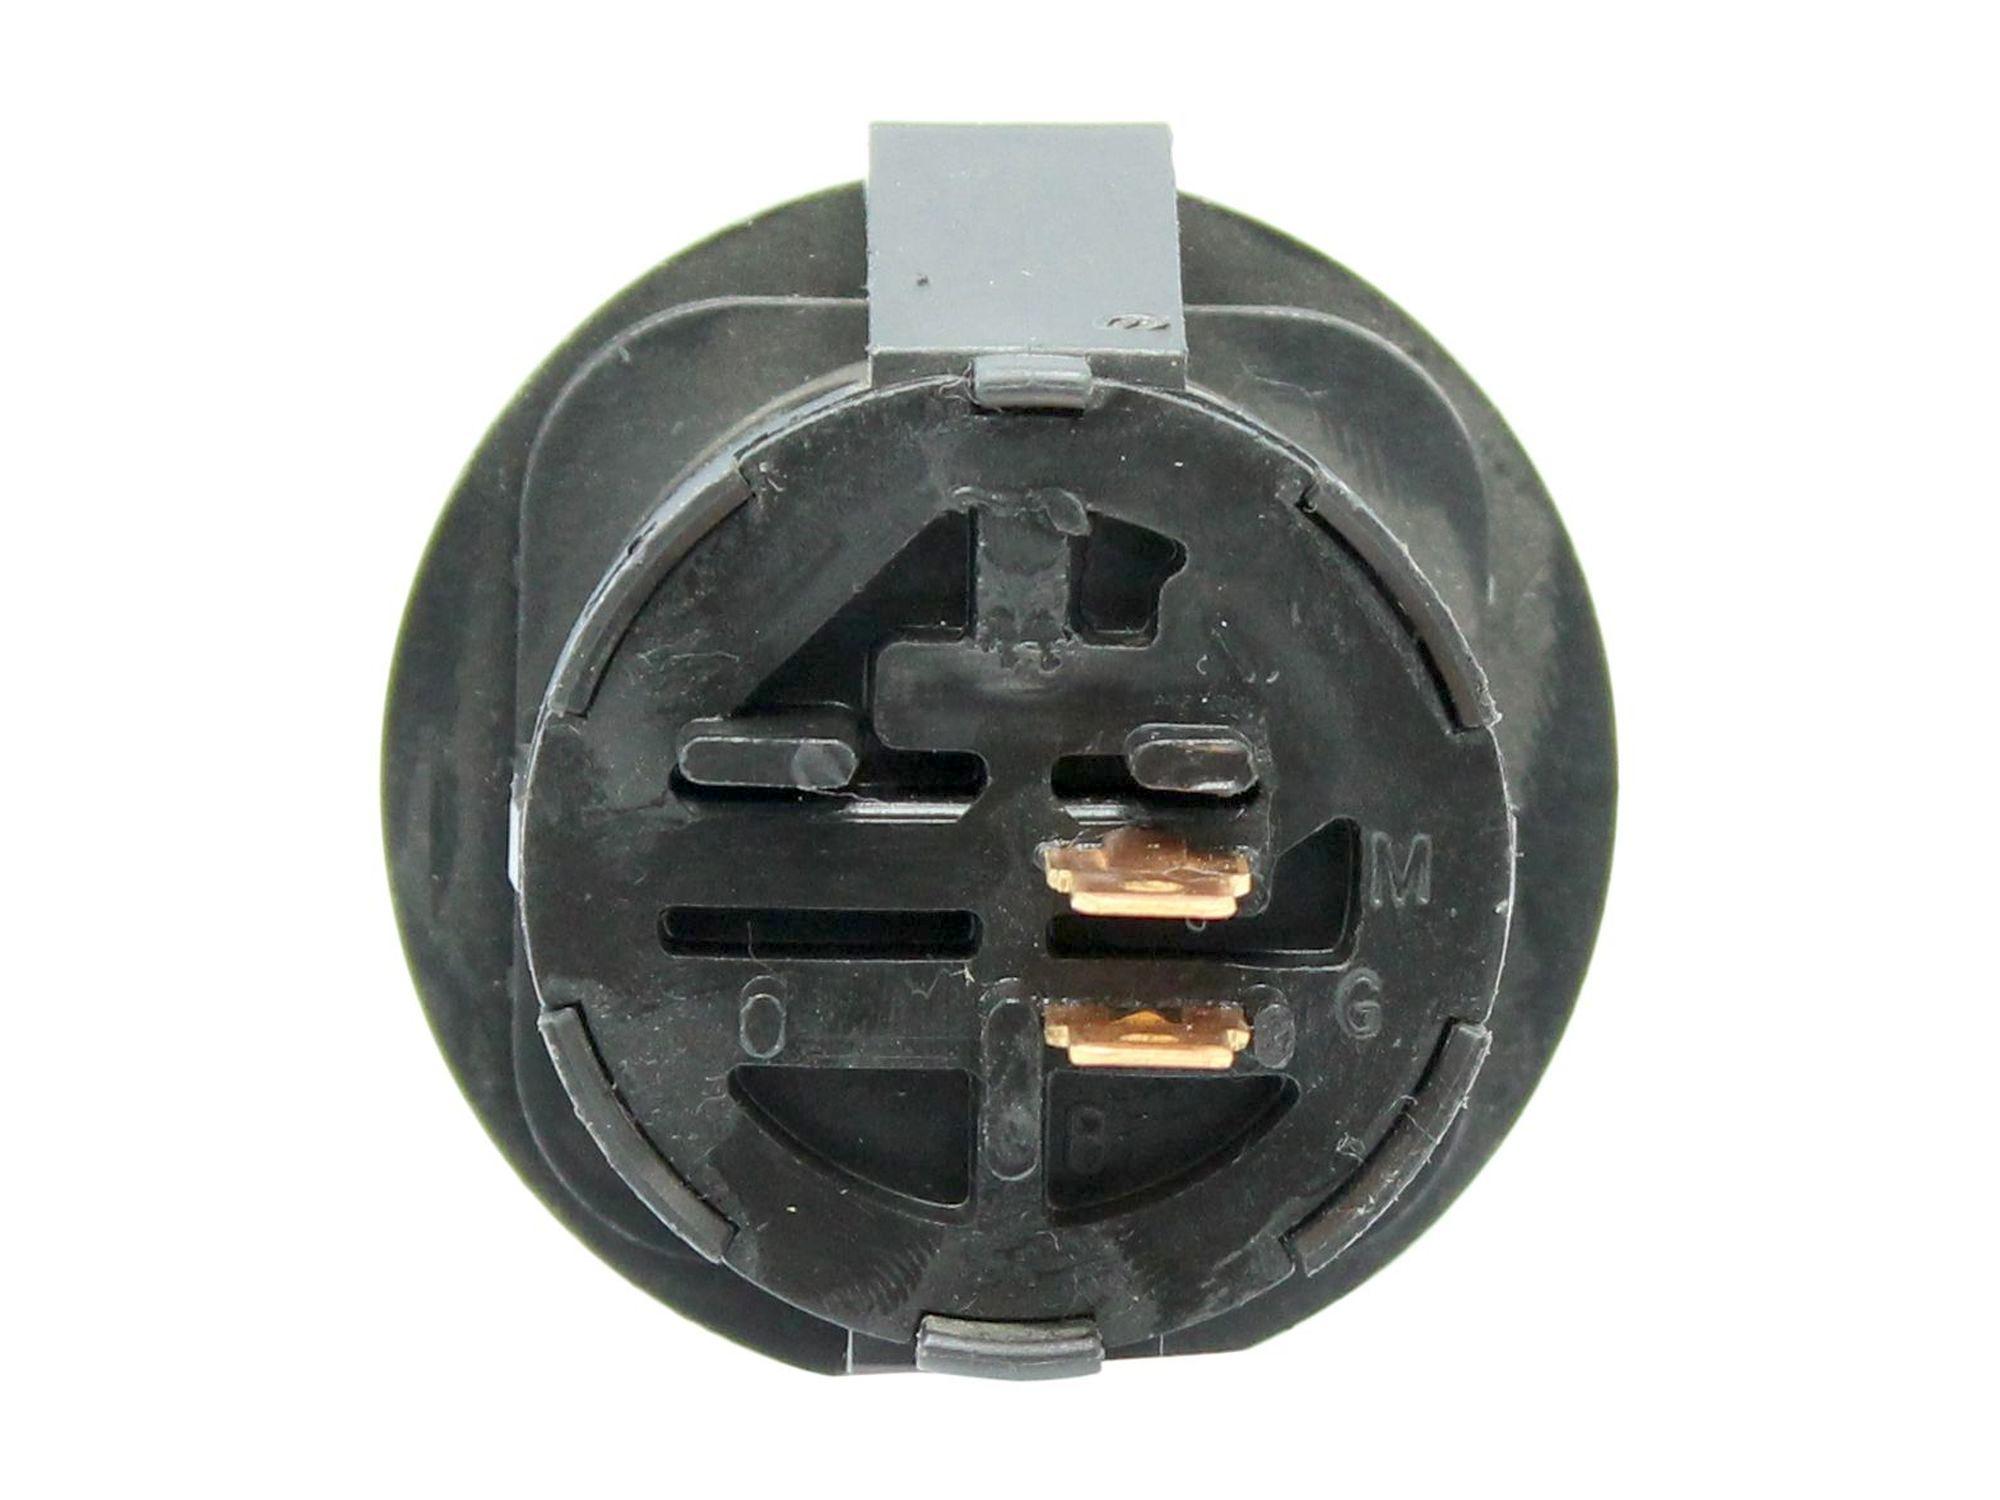 passend MTD Spider 91S 13A1452B600 Rasentraktor Zündschloss 6-Pol